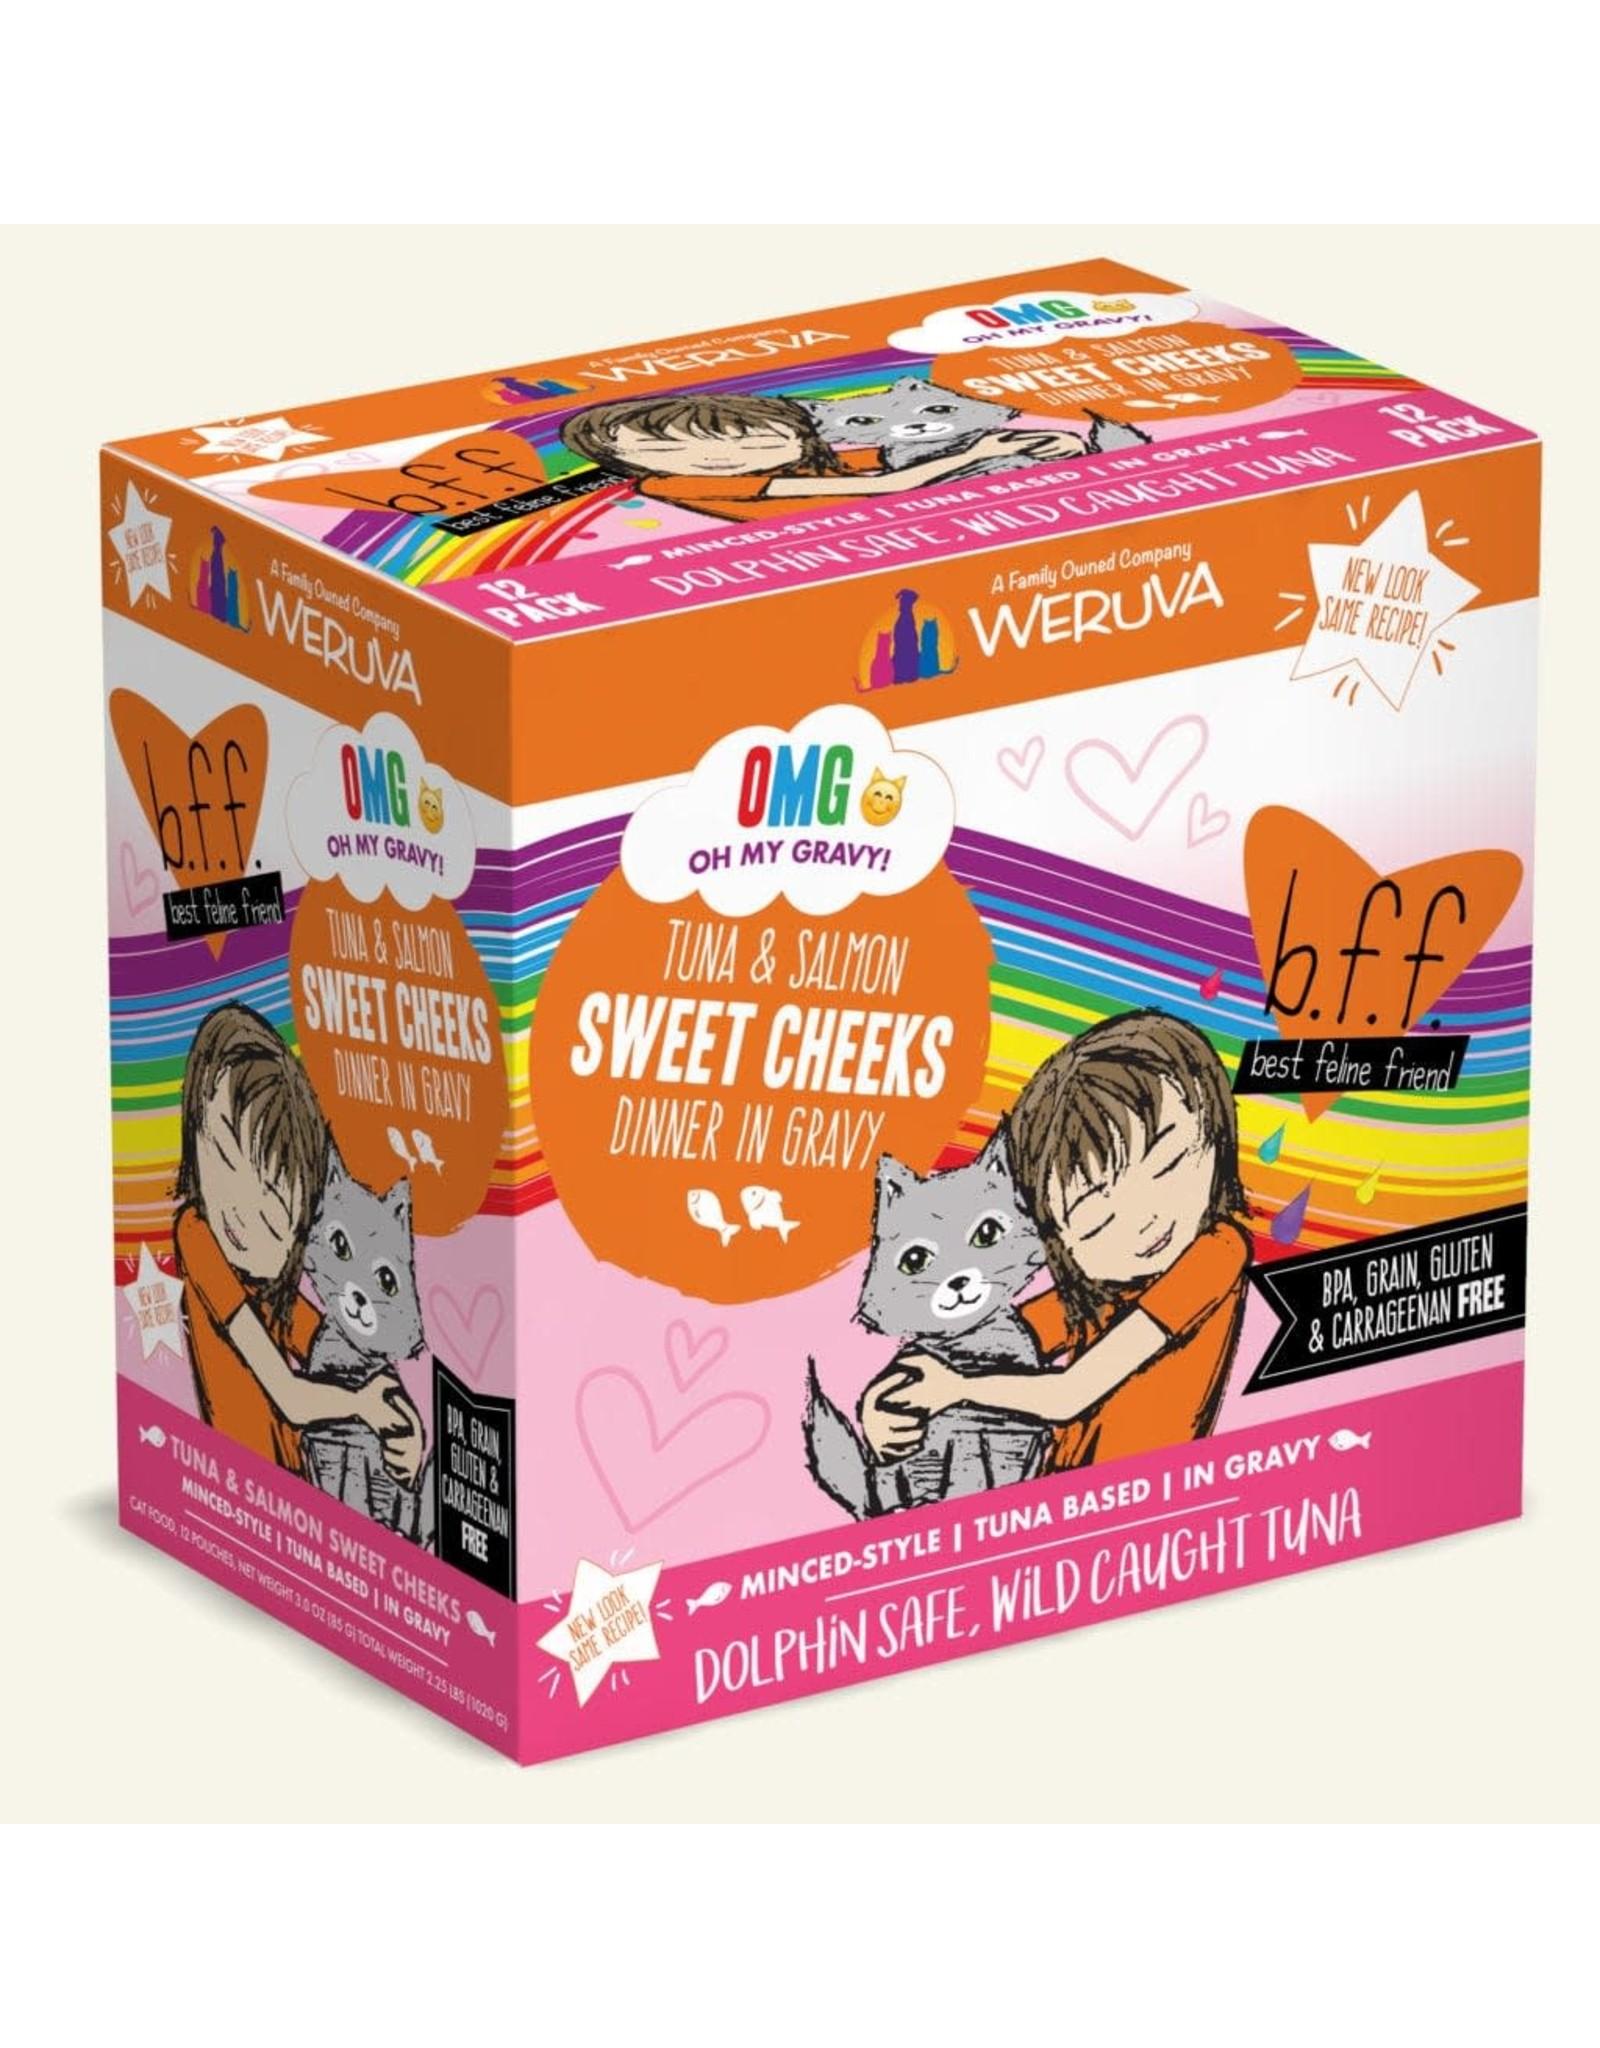 Weruva Weruva BFF OMG! Sweet Cheeks Tuna & Salmon Dinner in Gravy Cat Food 3oz Pouch